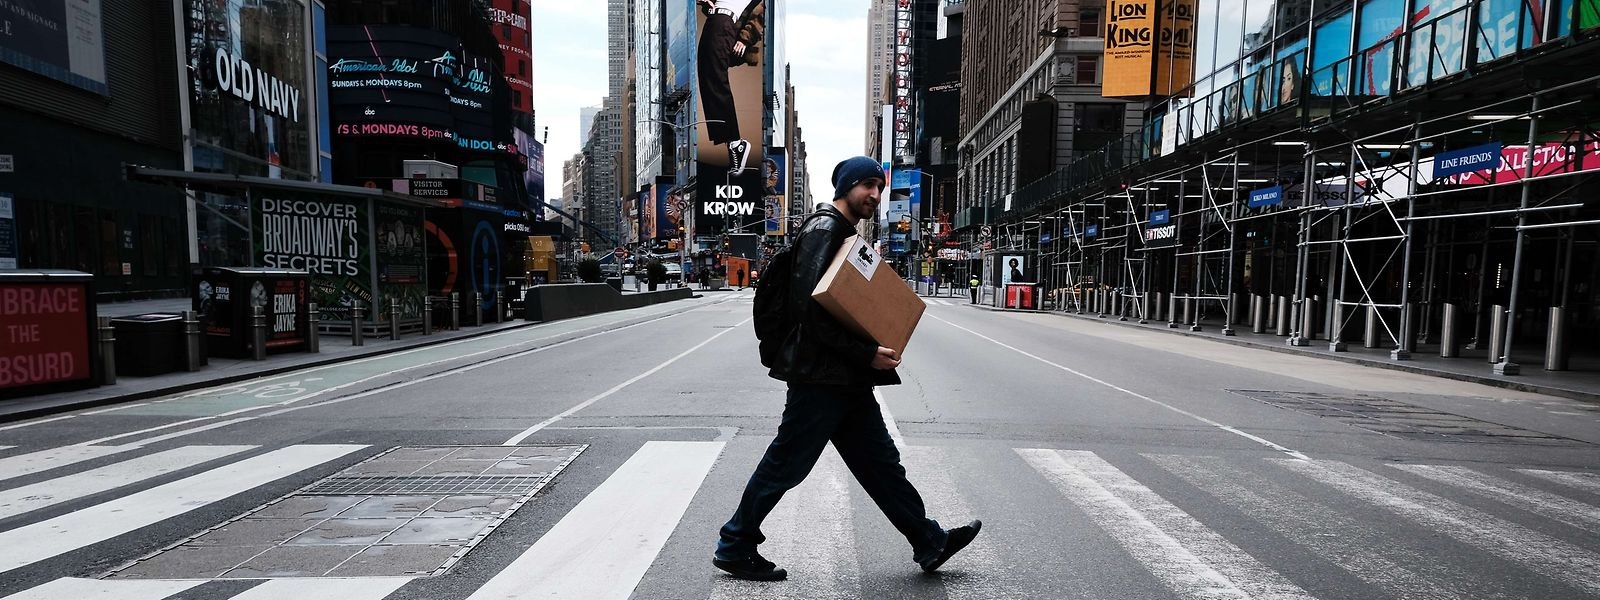 So menschenleer wie während der vergangenen Tage, sah man den Times Square noch selten.